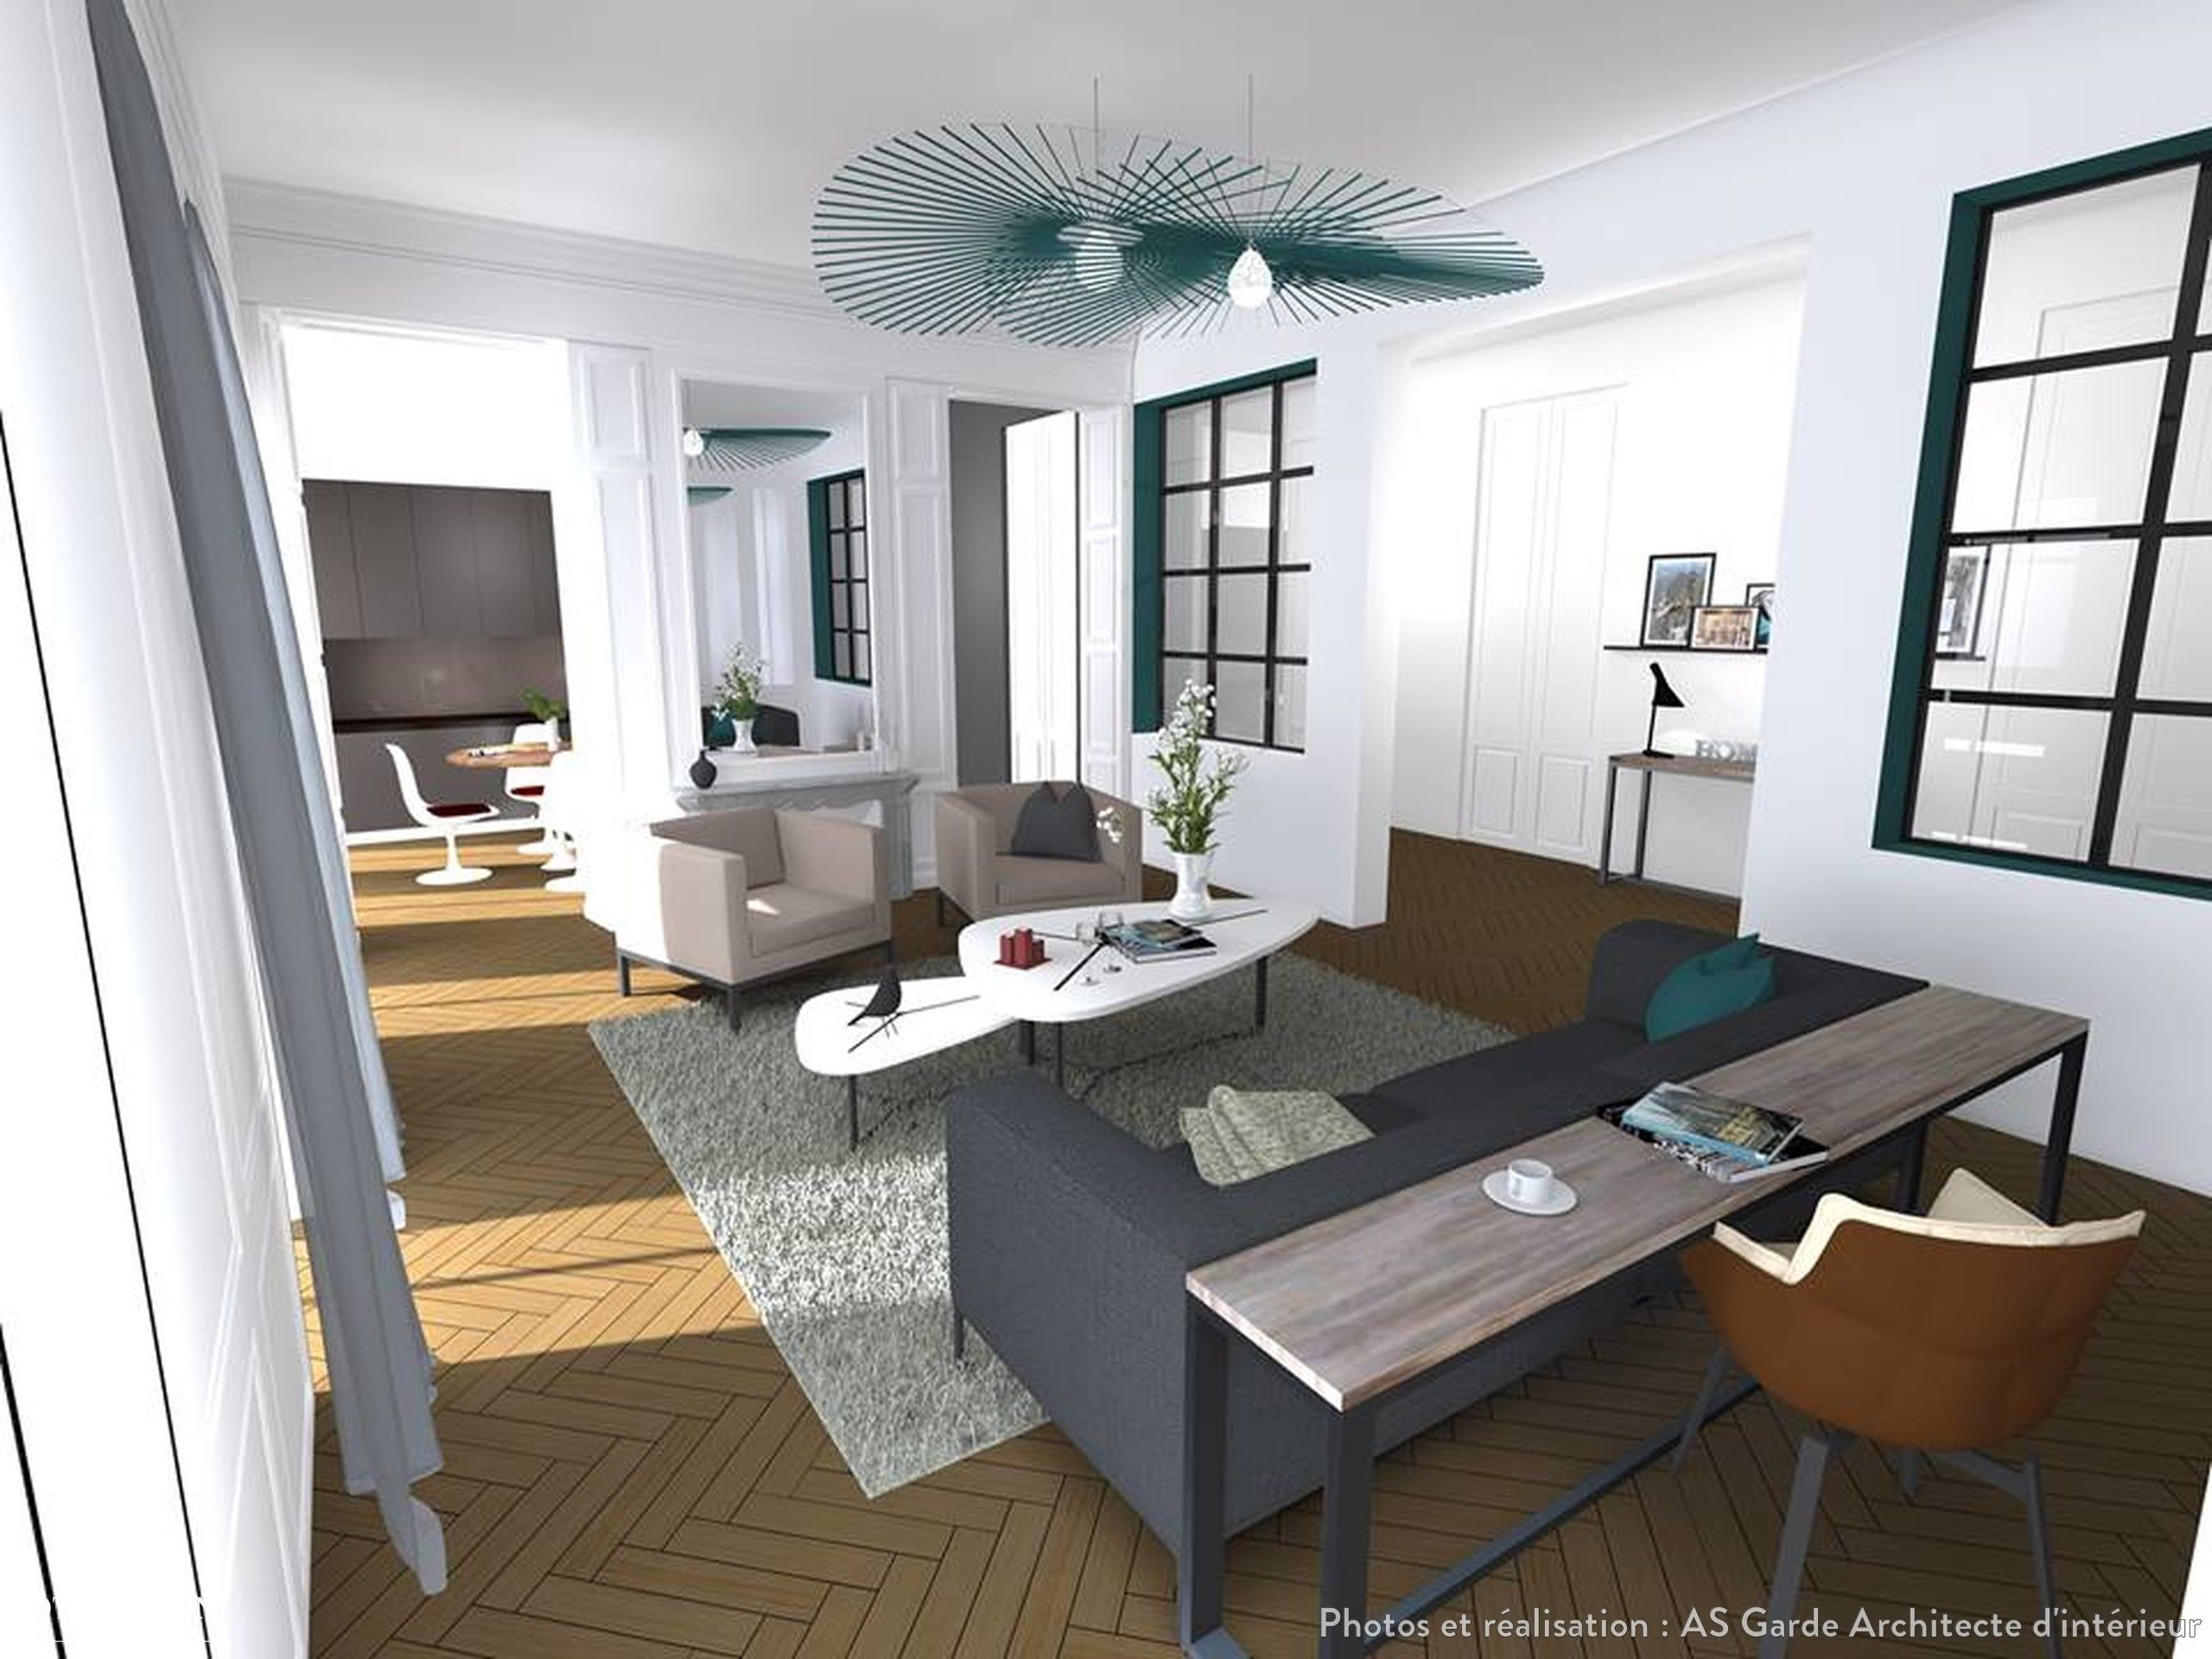 Appartement Haussmannien Paris AS Garde Architecte D Int Rieur